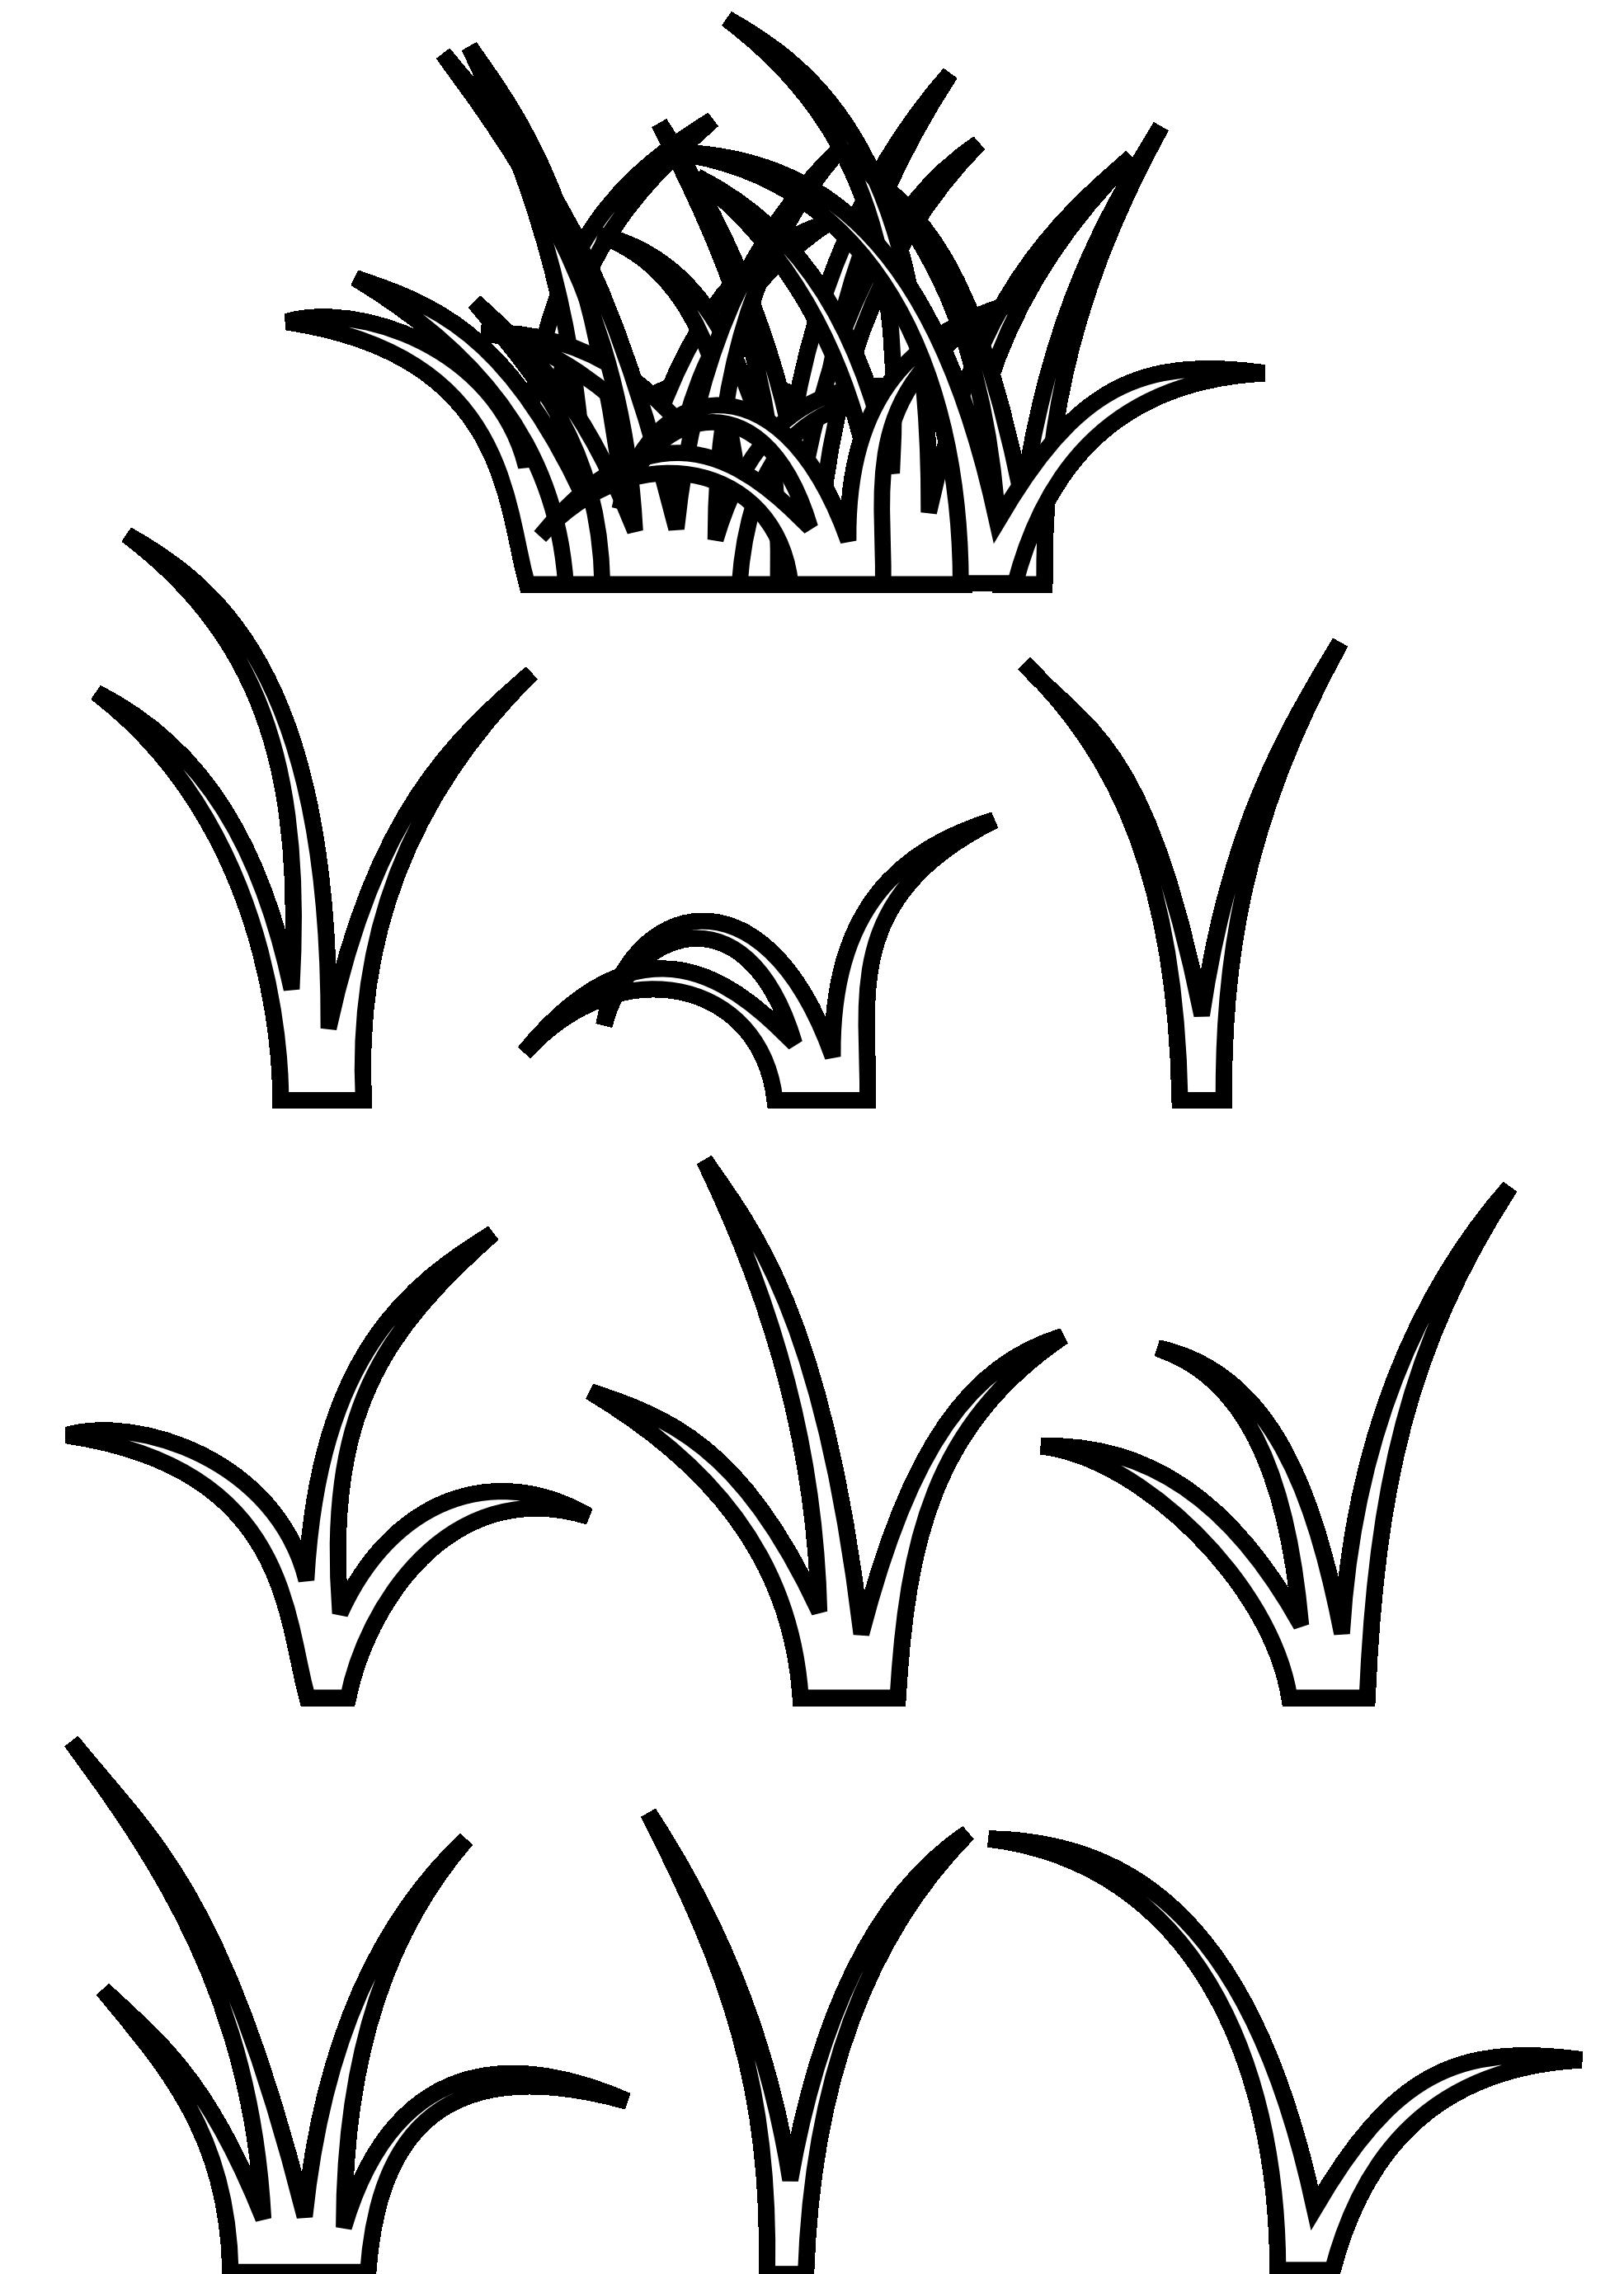 Blades of Grass Clip Art.